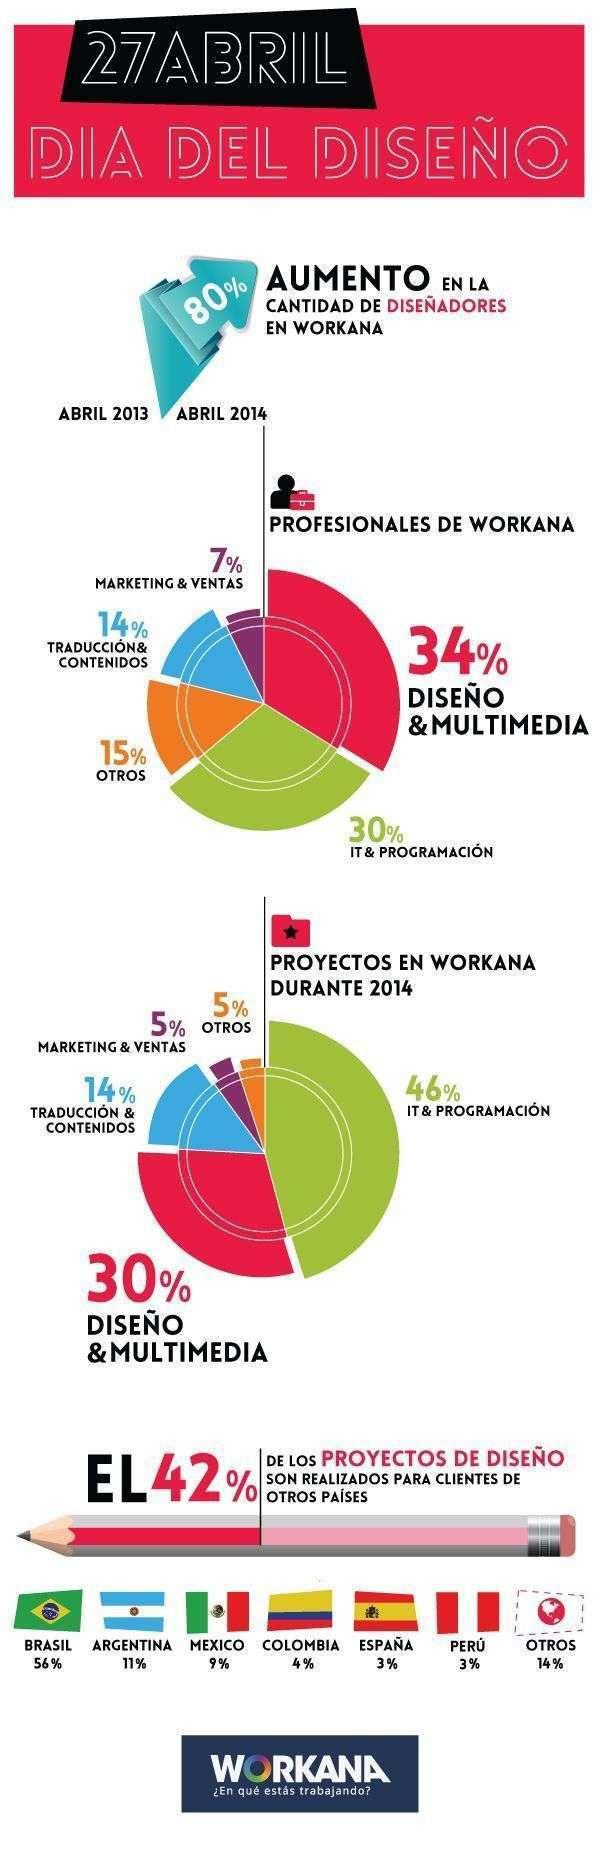 Diseñadores en Workana